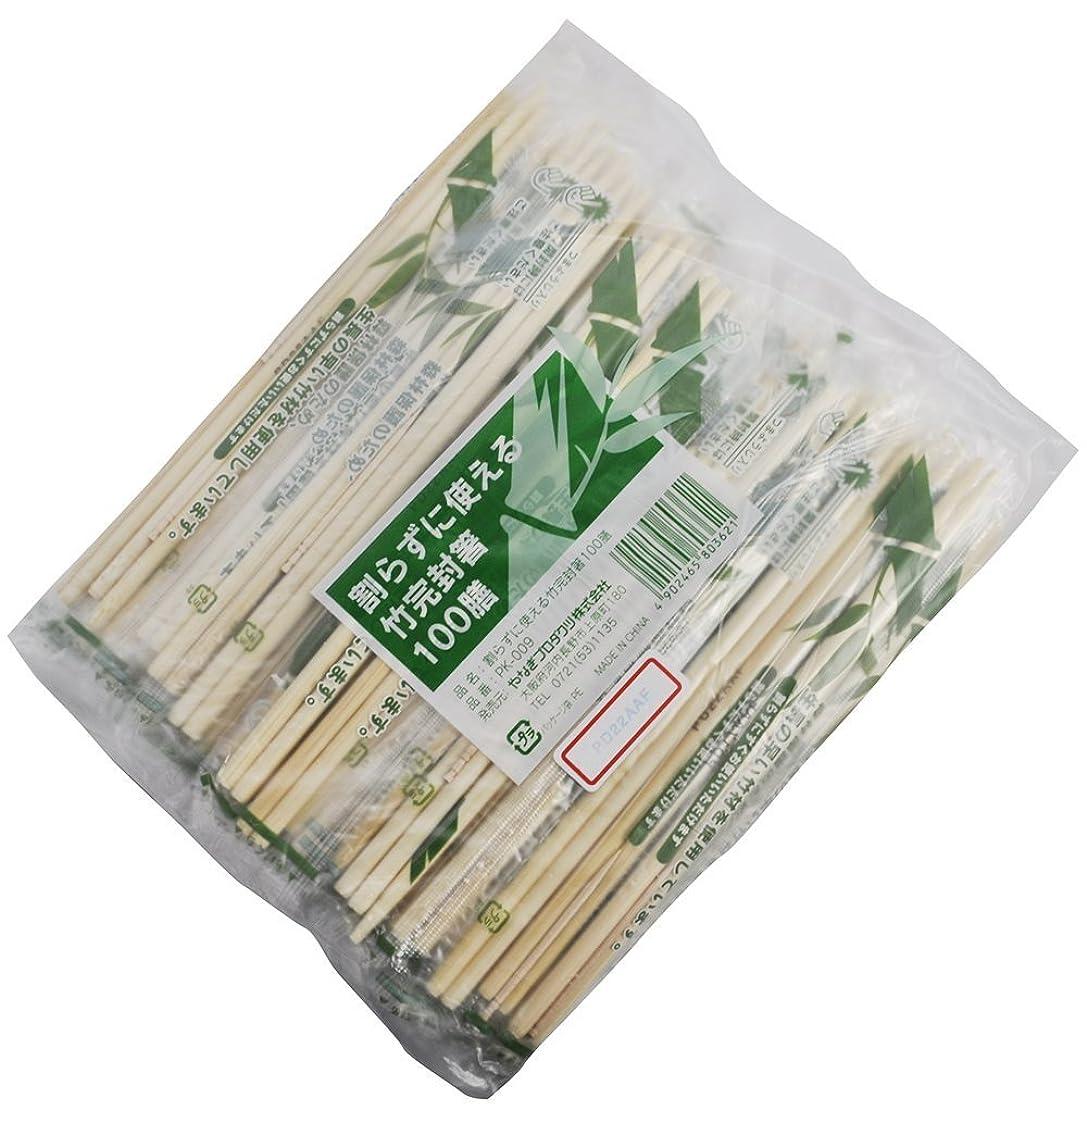 ワーディアンケースハム居眠りする割らずに使える 竹製 ポリ完封箸 楊枝入 割れていて使いやすい PK-009 200膳 (100膳 ×2袋セット)